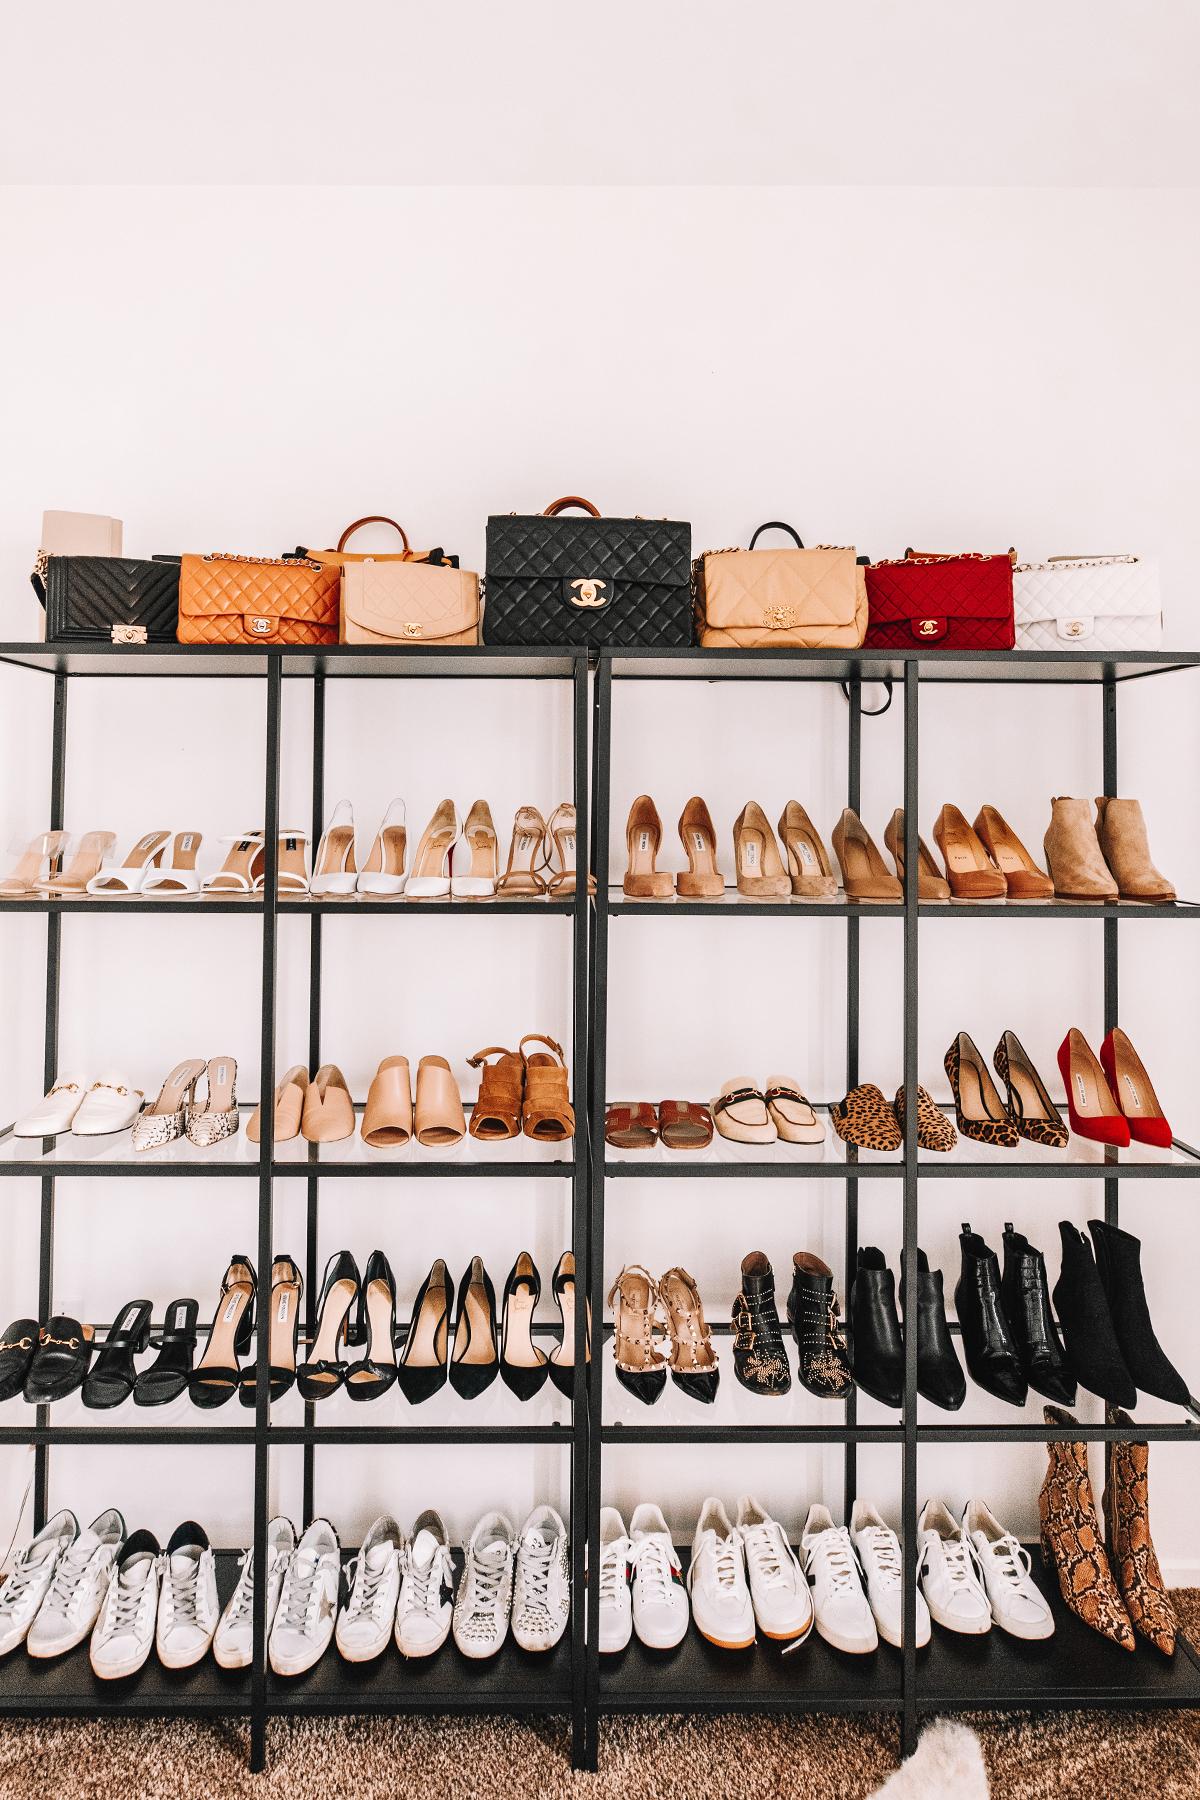 Fashion Jackson Chanel Handbag Collection